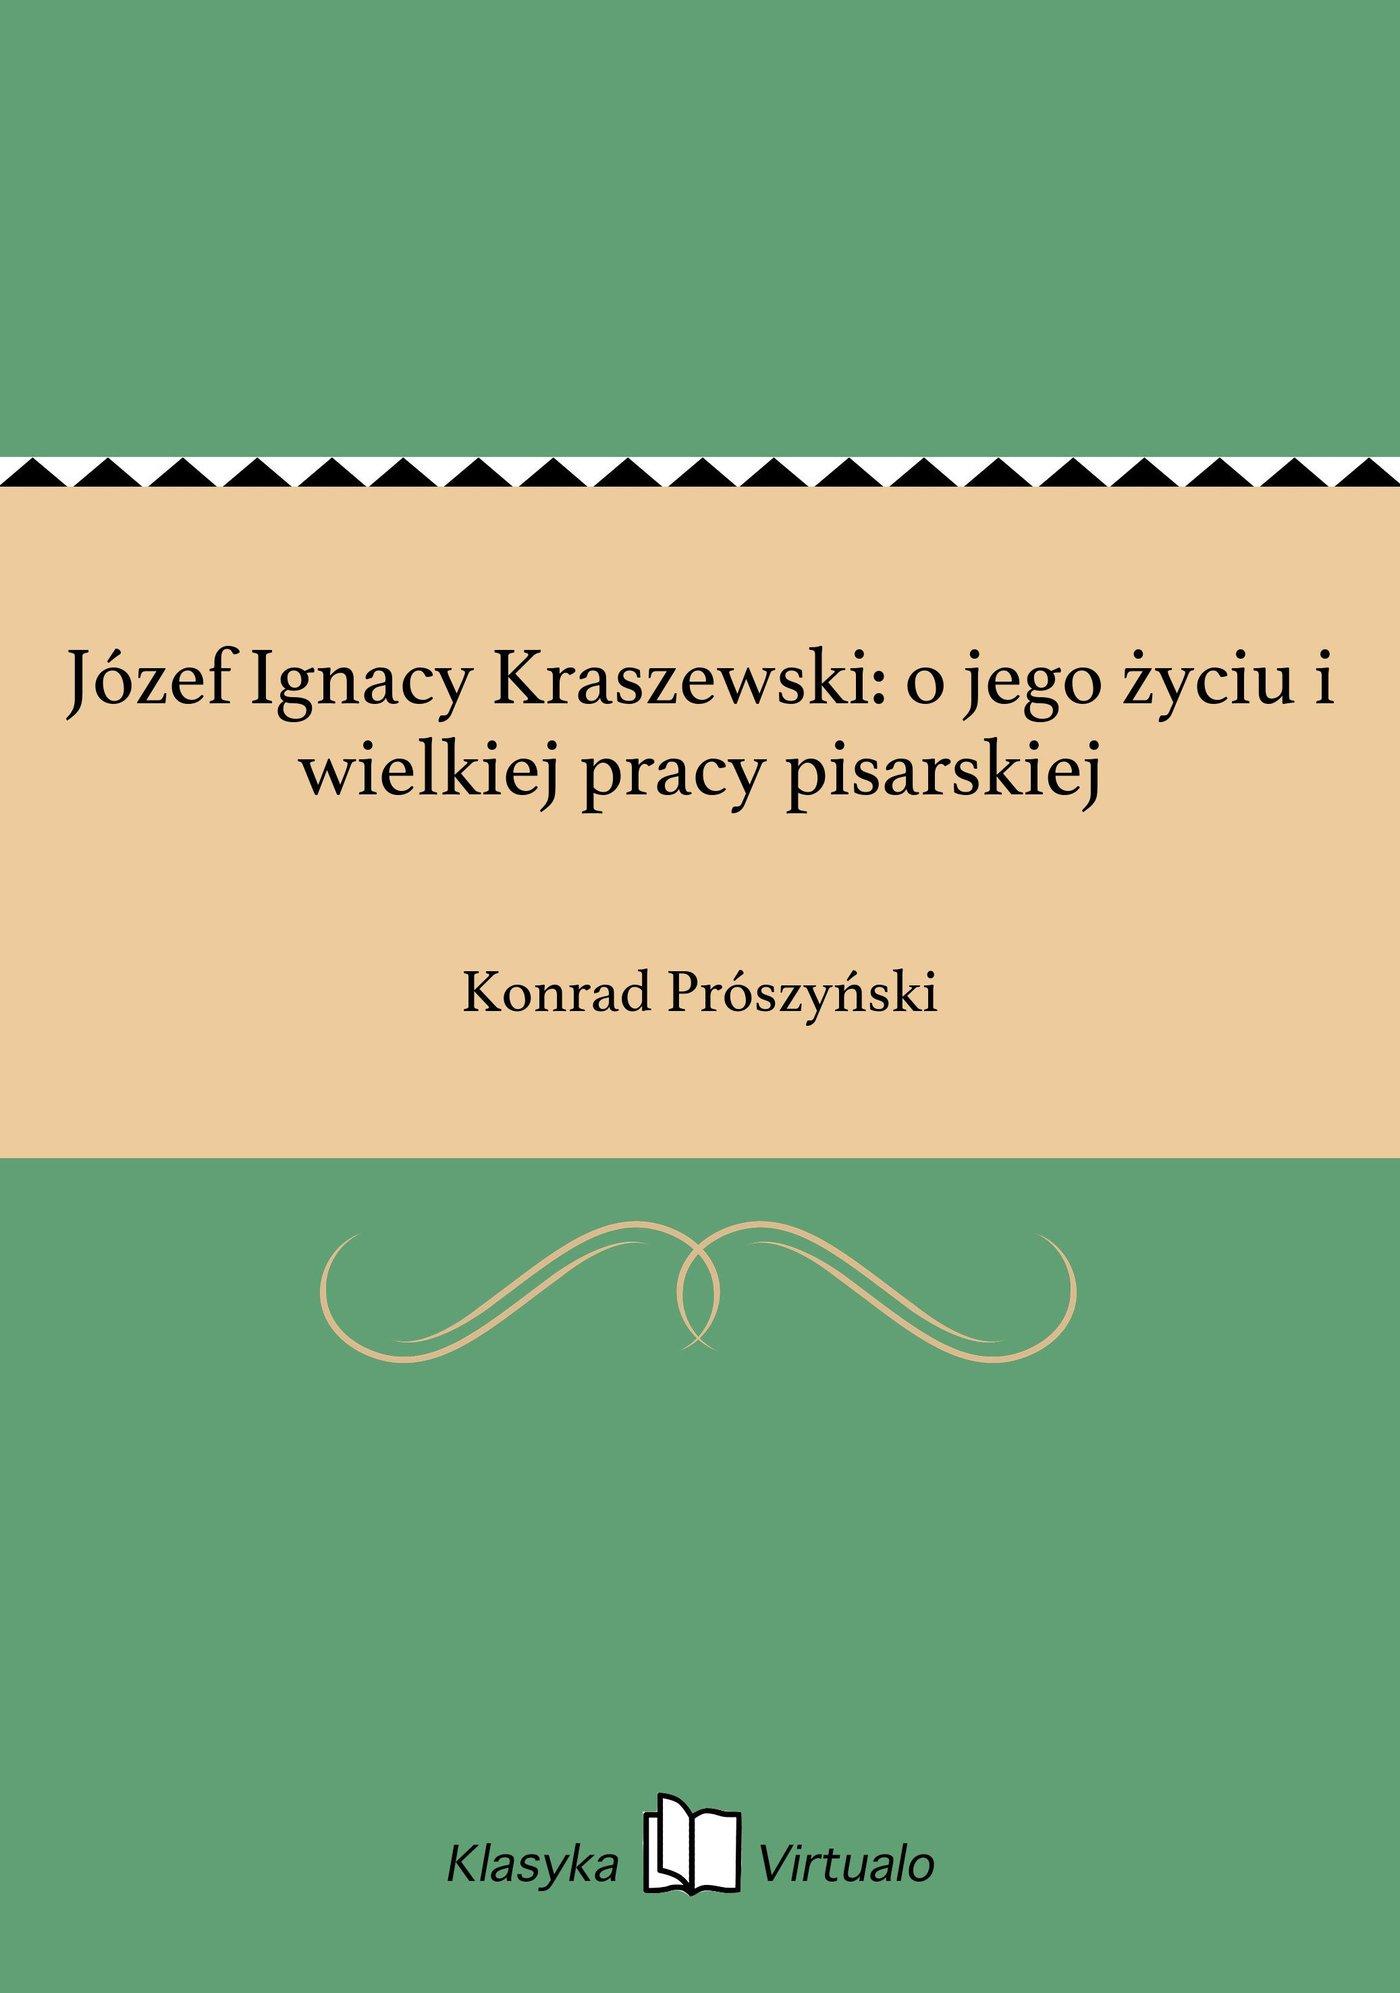 Józef Ignacy Kraszewski: o jego życiu i wielkiej pracy pisarskiej - Ebook (Książka EPUB) do pobrania w formacie EPUB